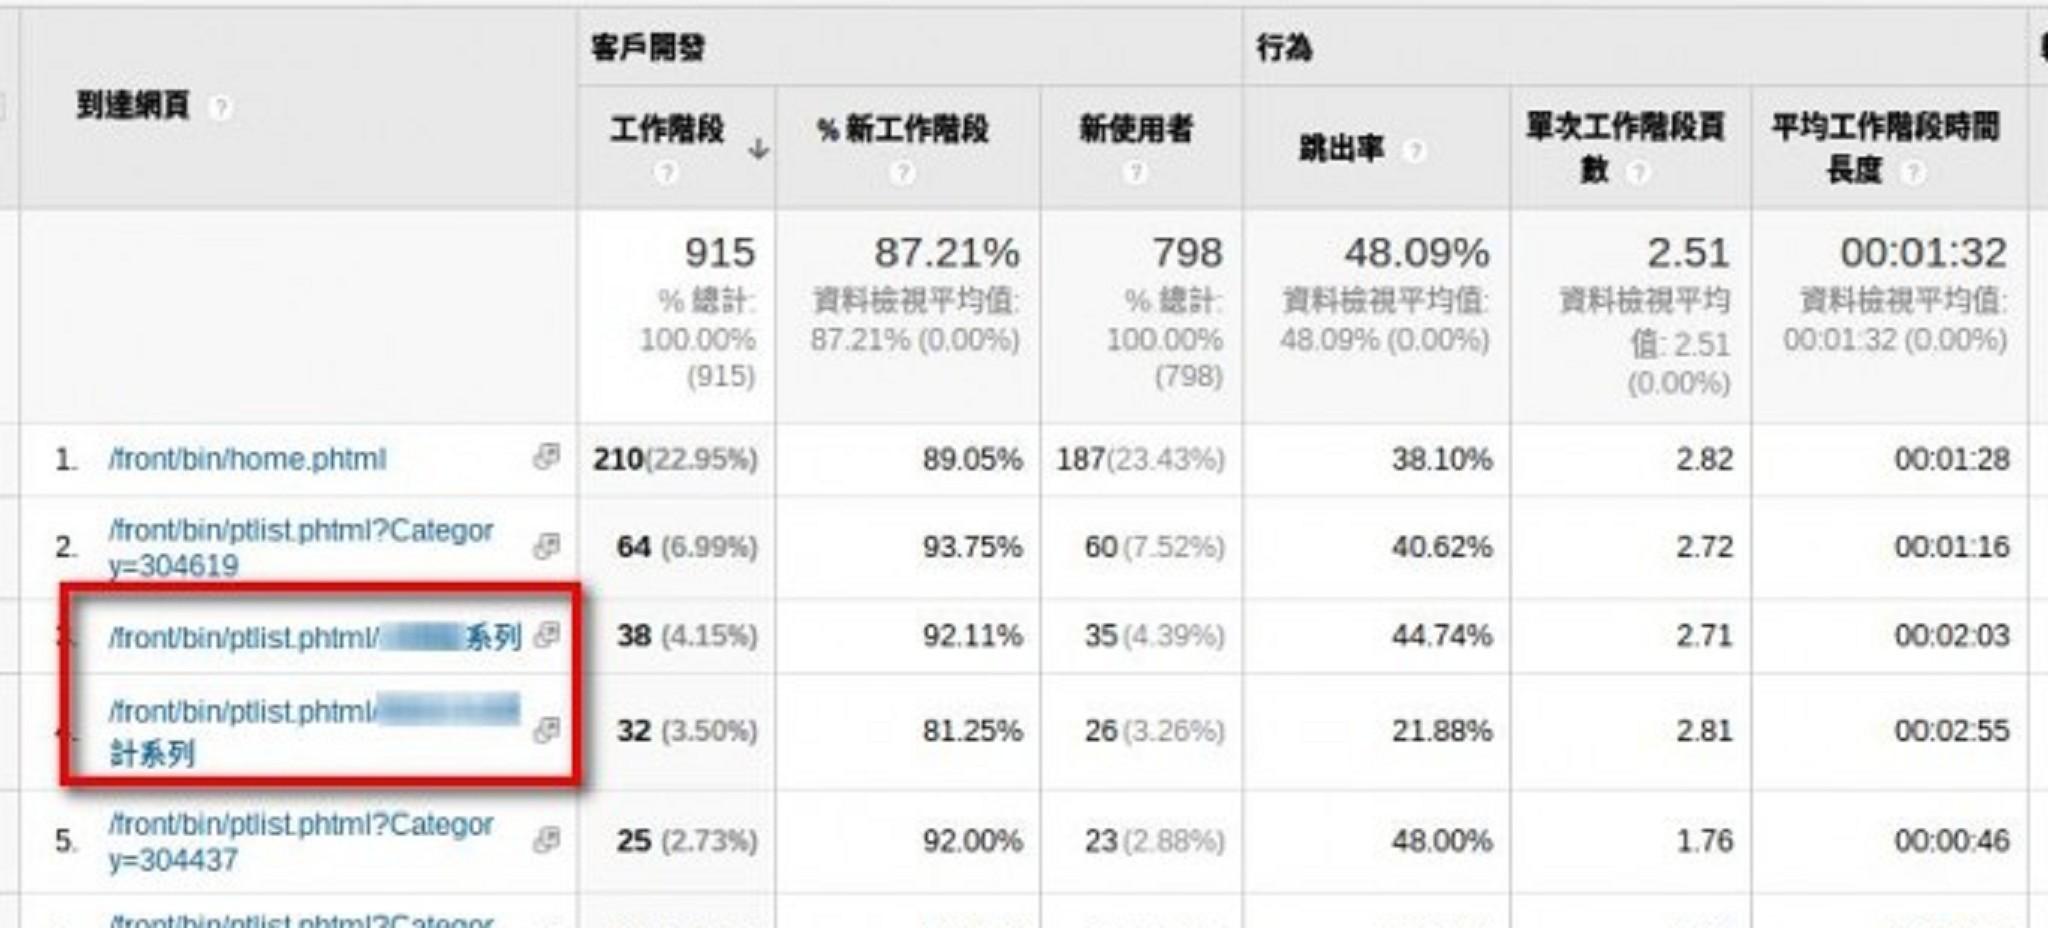 搜尋與取代篩選器字串,從此讓阿鬼開始說中文